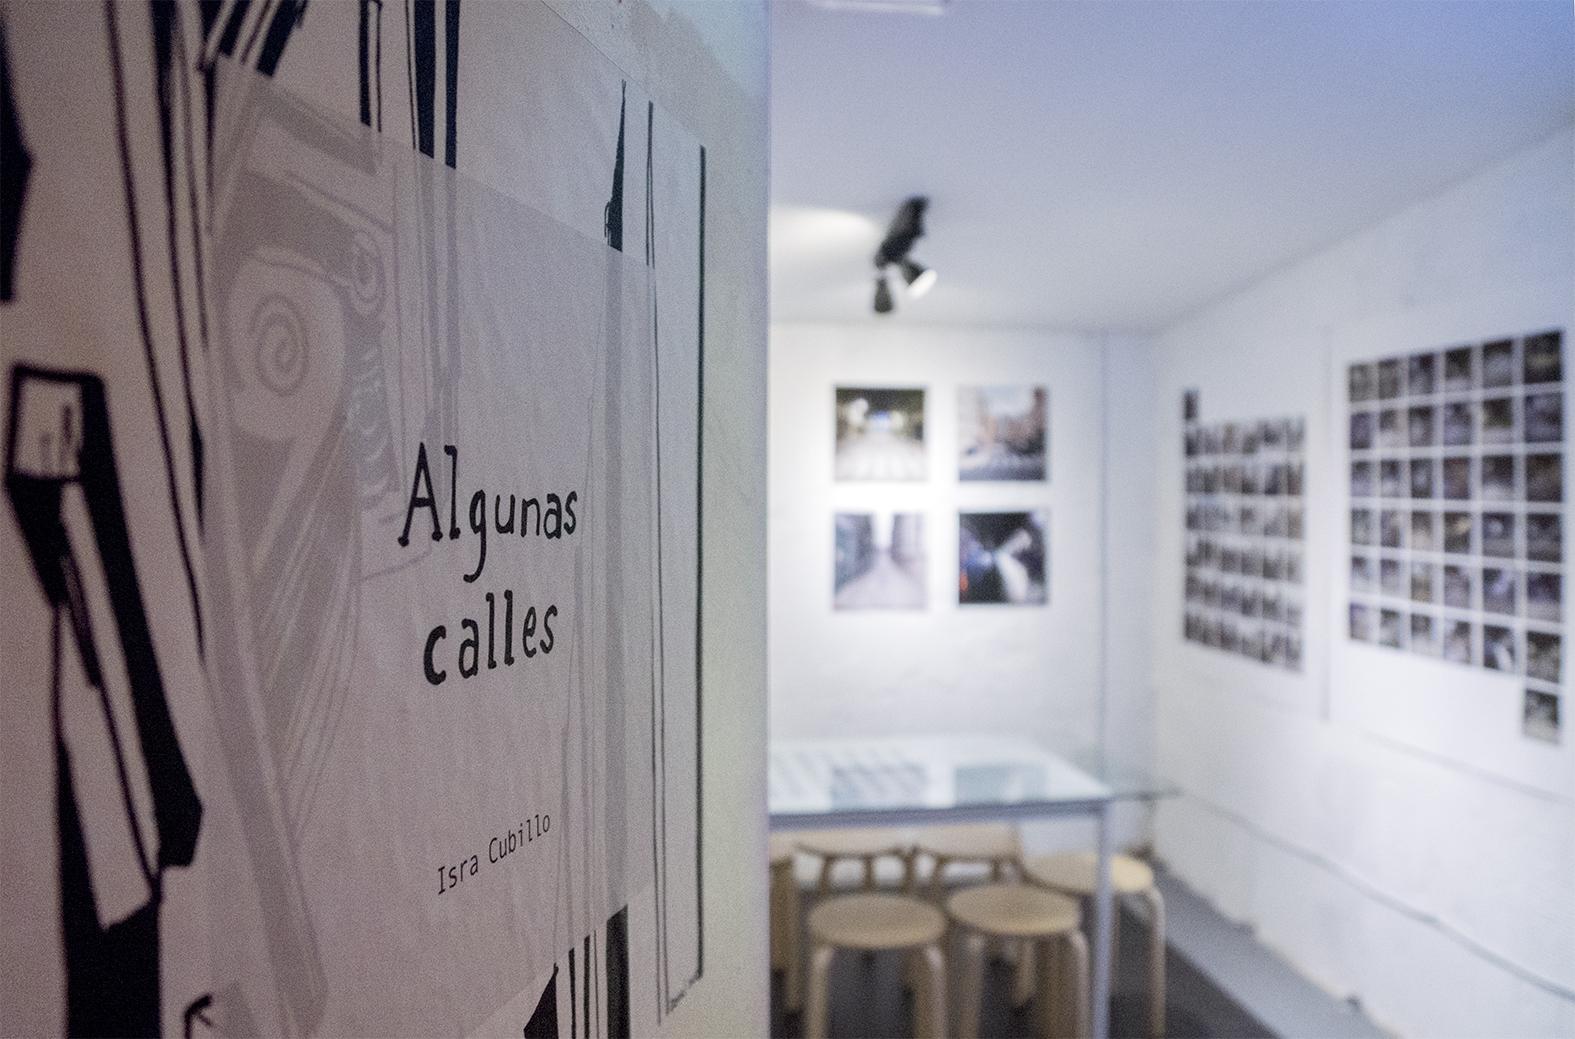 'Algunas calles': una exposición fotográfica para descubrir una Coruña diferente